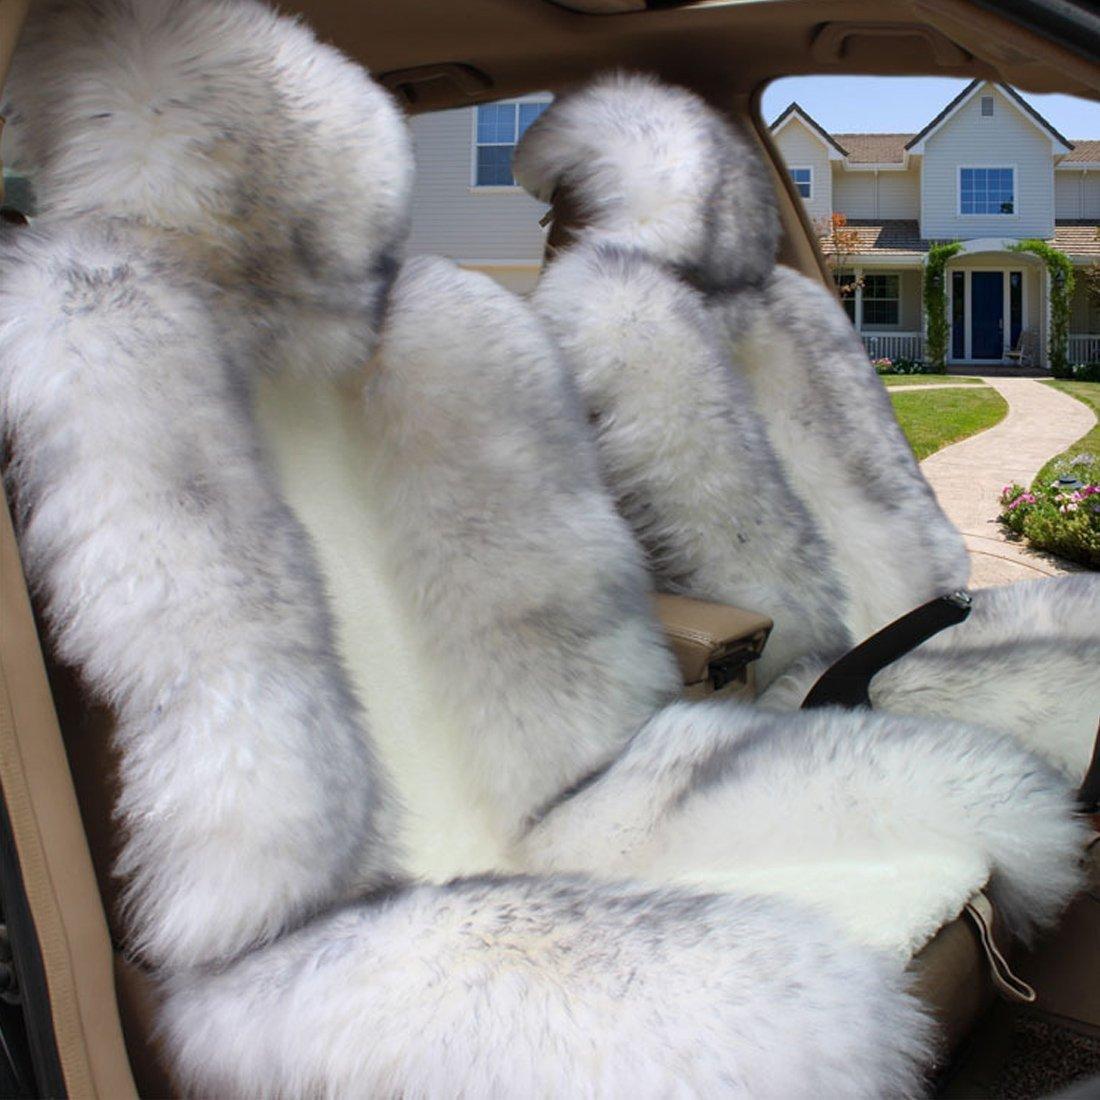 (ピーキー)Peigee カーシートカバー 車アクセサリー シートクッション ウール ムートン 普通車 2枚セット B01EMNDUSY ホワイト ホワイト